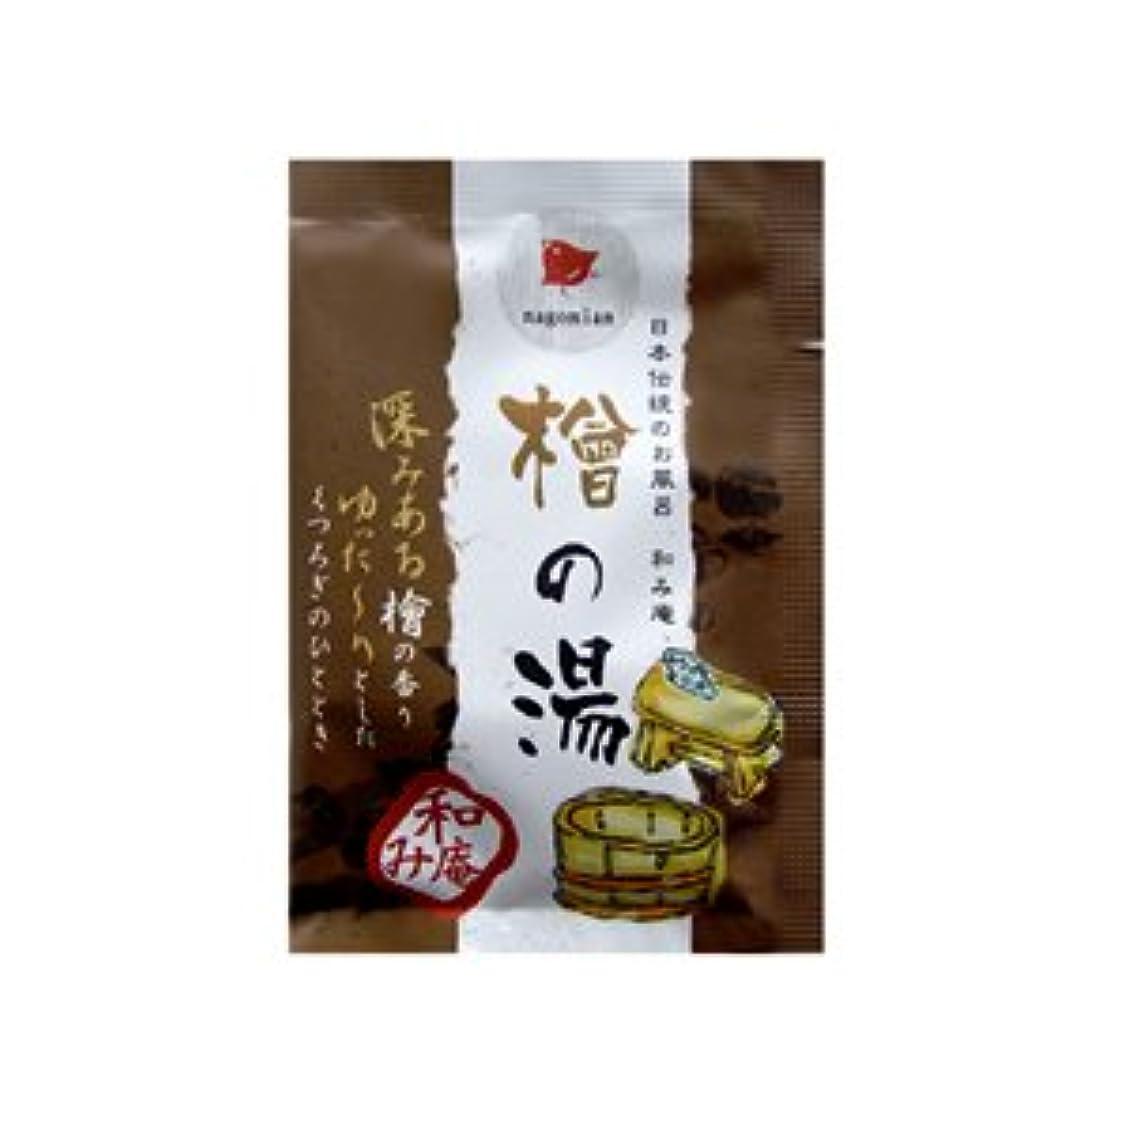 スペース危険なチャーミング日本伝統のお風呂 和み庵 檜の湯 25g 1包